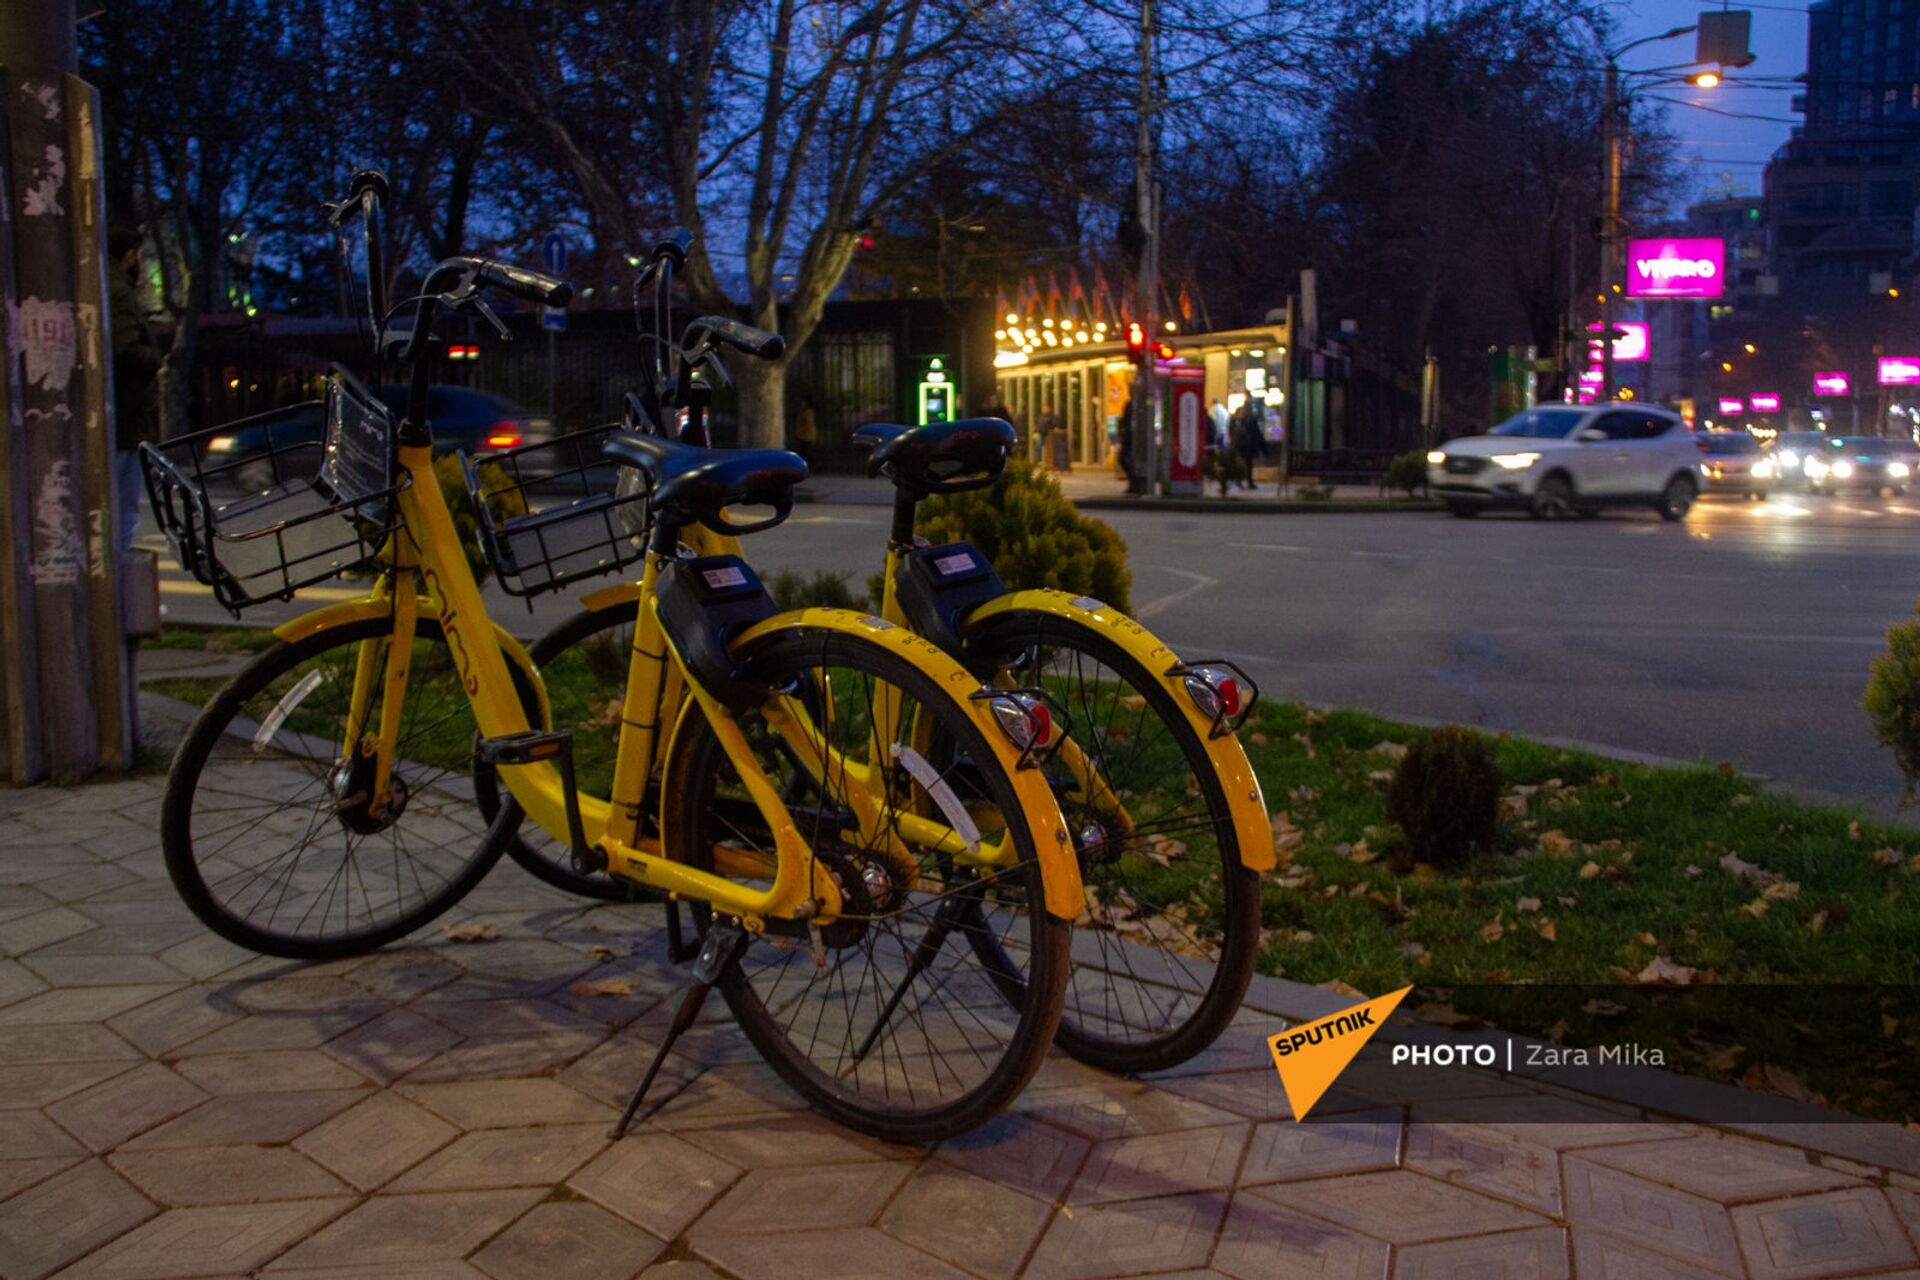 Փոքրիկ դրախտ հեծանվորդների համար. Վանաձորում հեծանիվ քշելն ավելի անվտանգ է, քան Երևանում - Sputnik Արմենիա, 1920, 07.06.2021